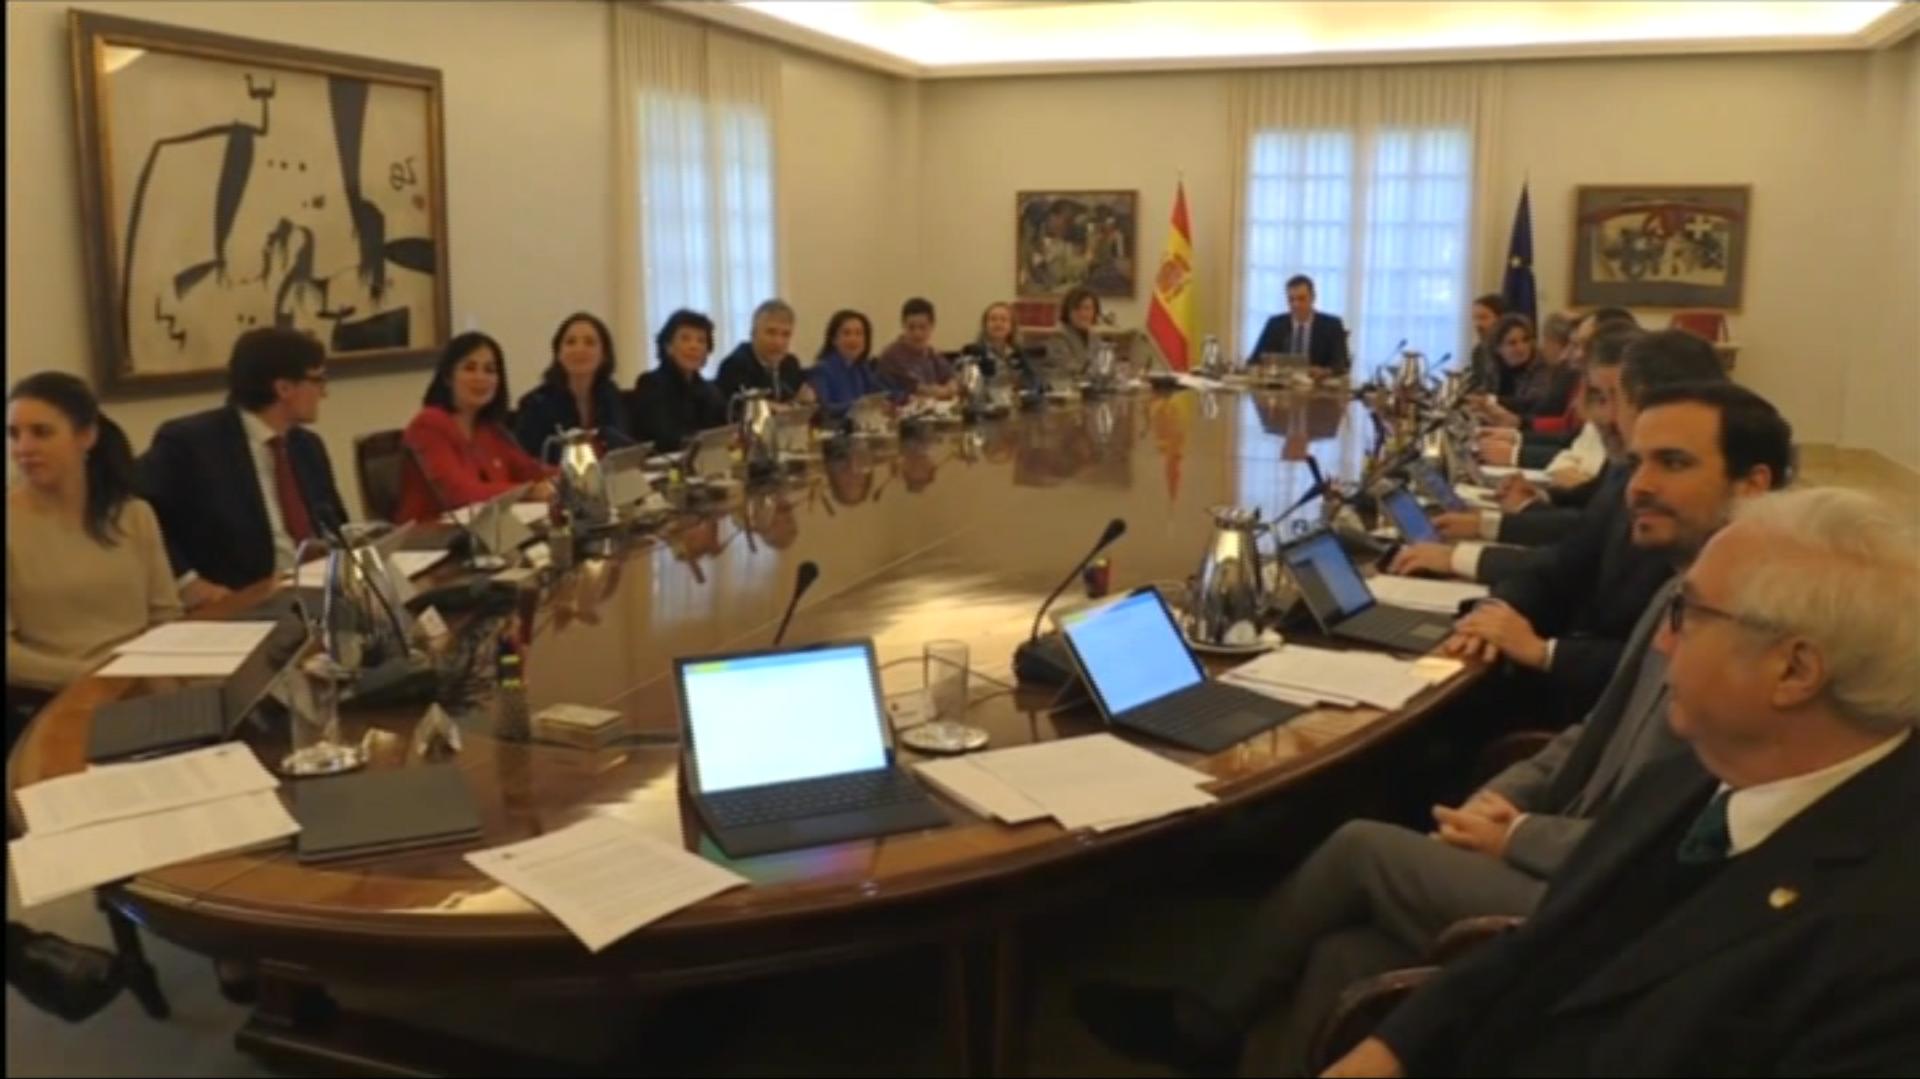 La+taula+de+coordinaci%C3%B3+del+pacte+de+govern+entre+PSOE+i+Unides+Podem+es+reunir%C3%A0+el+dijous+12